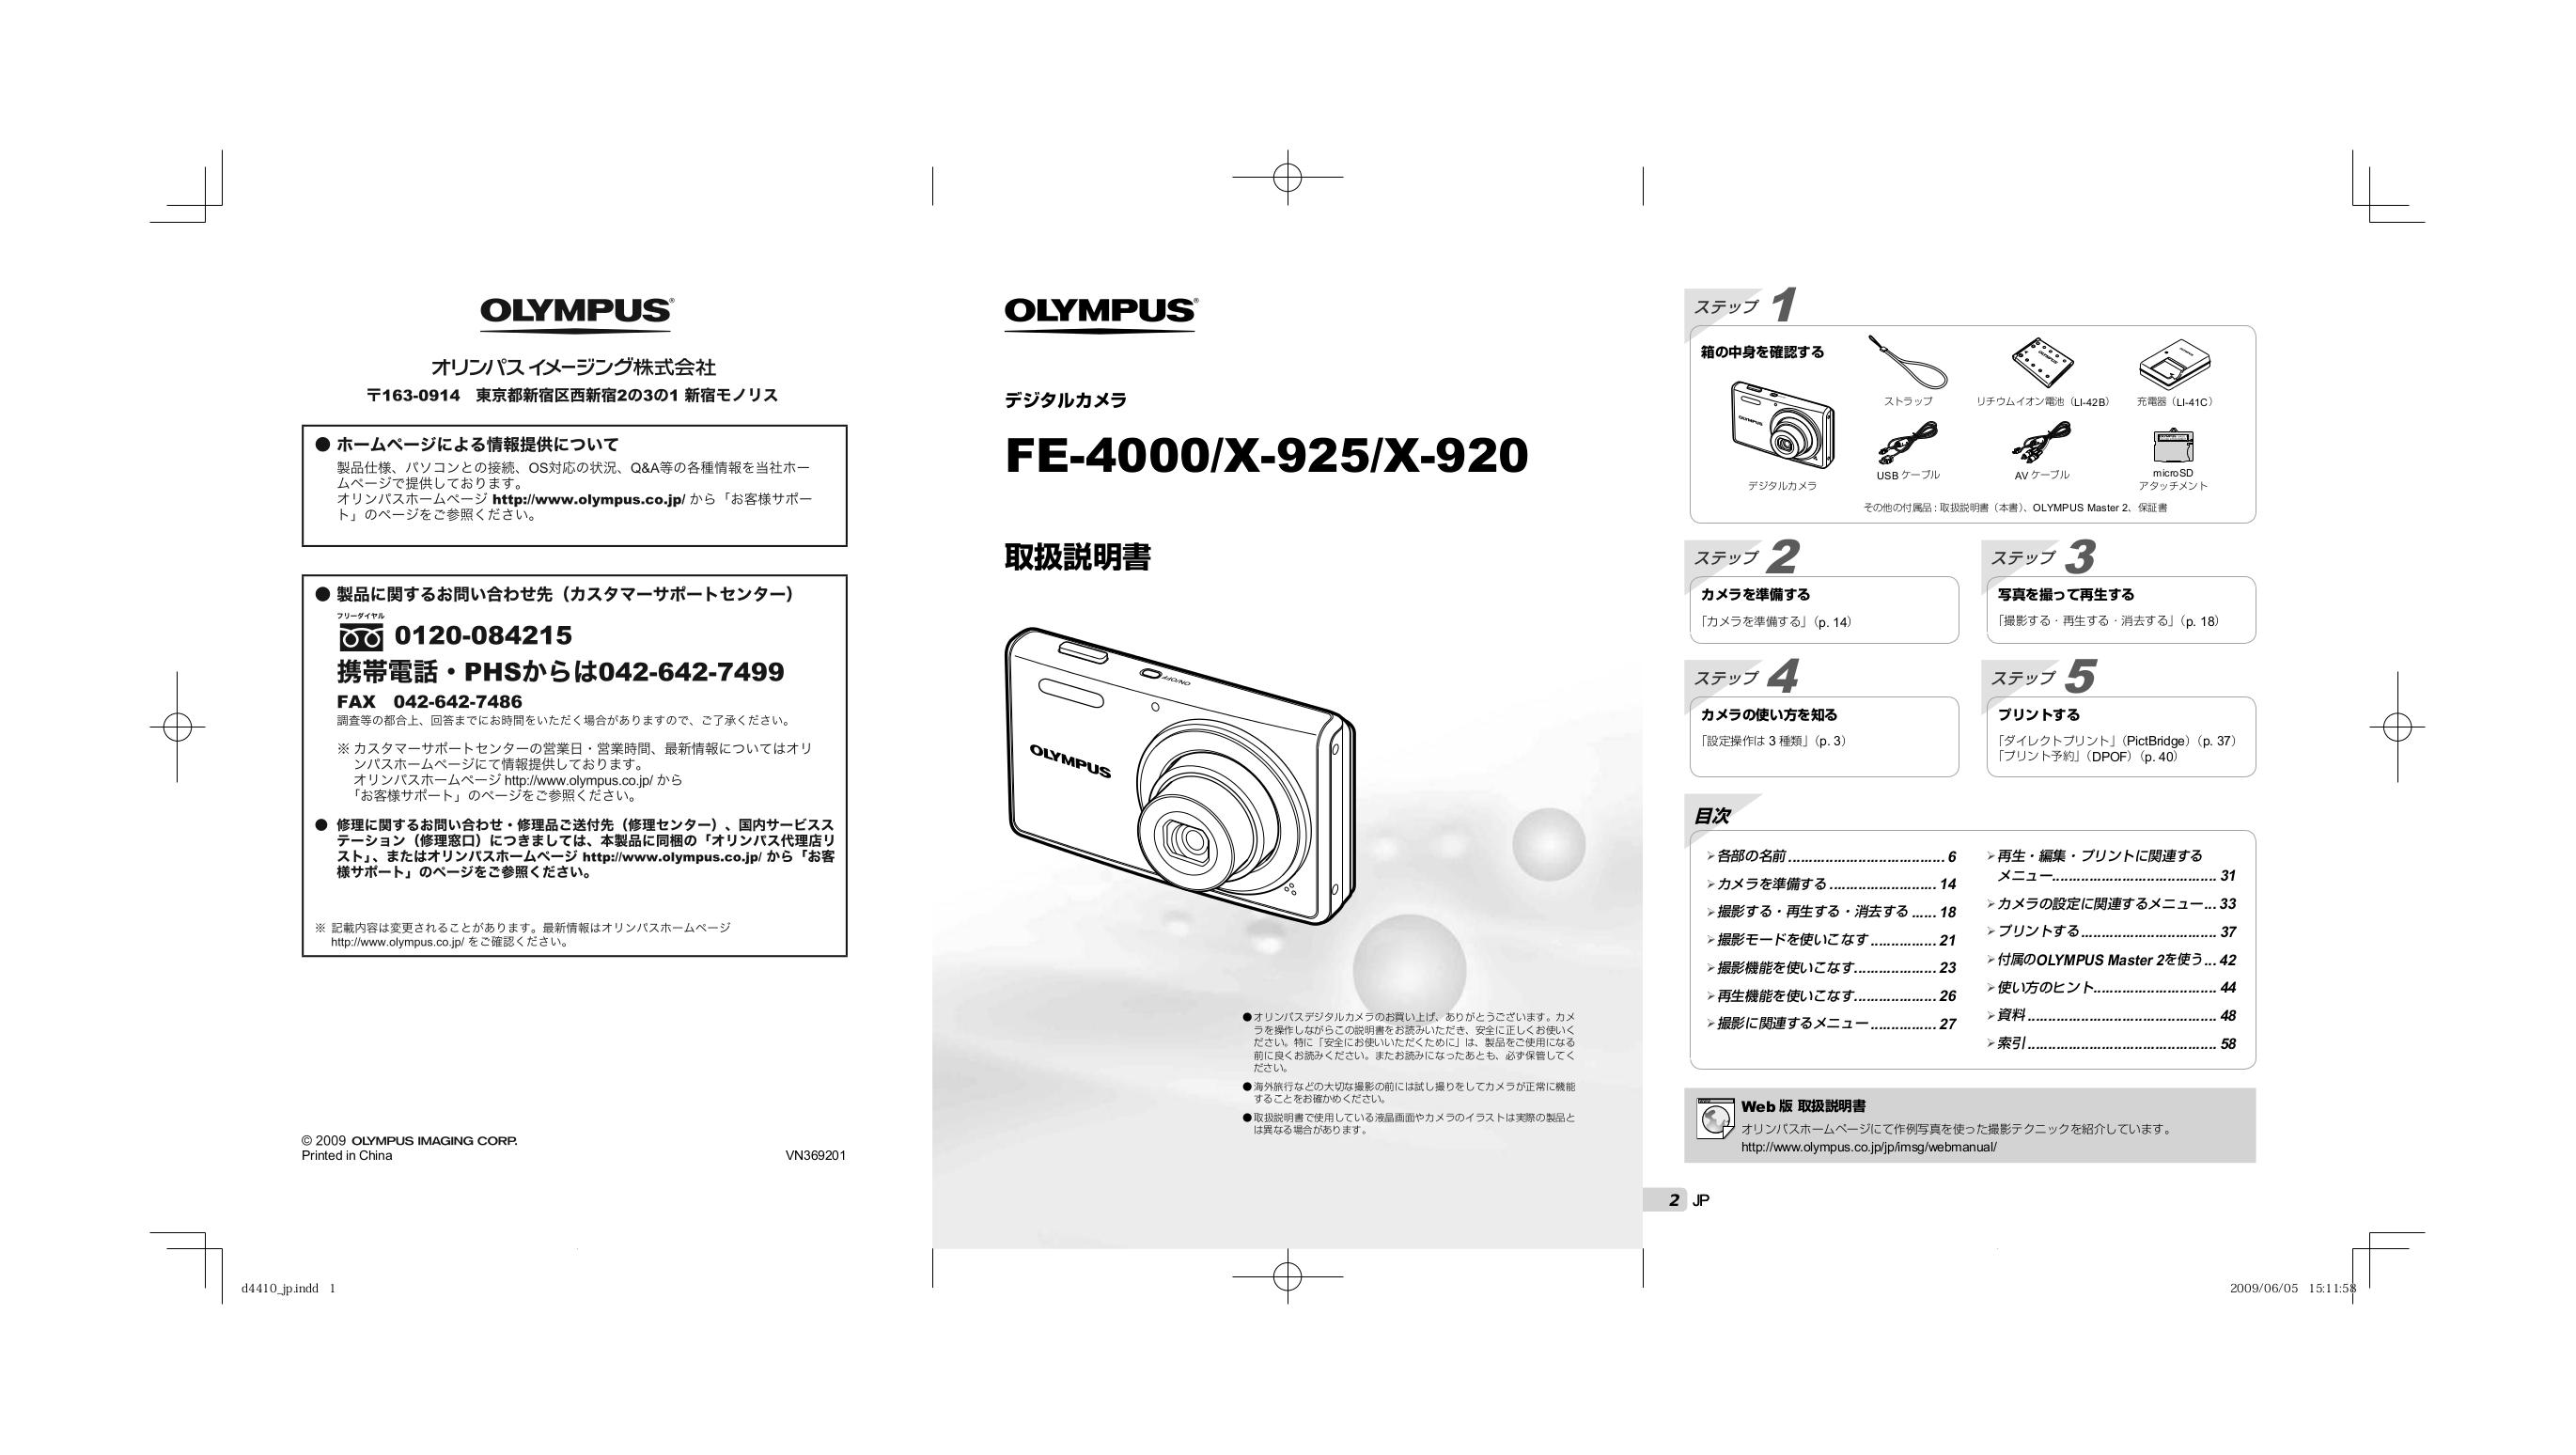 Download free pdf for Olympus FE-4000 Digital Camera manual